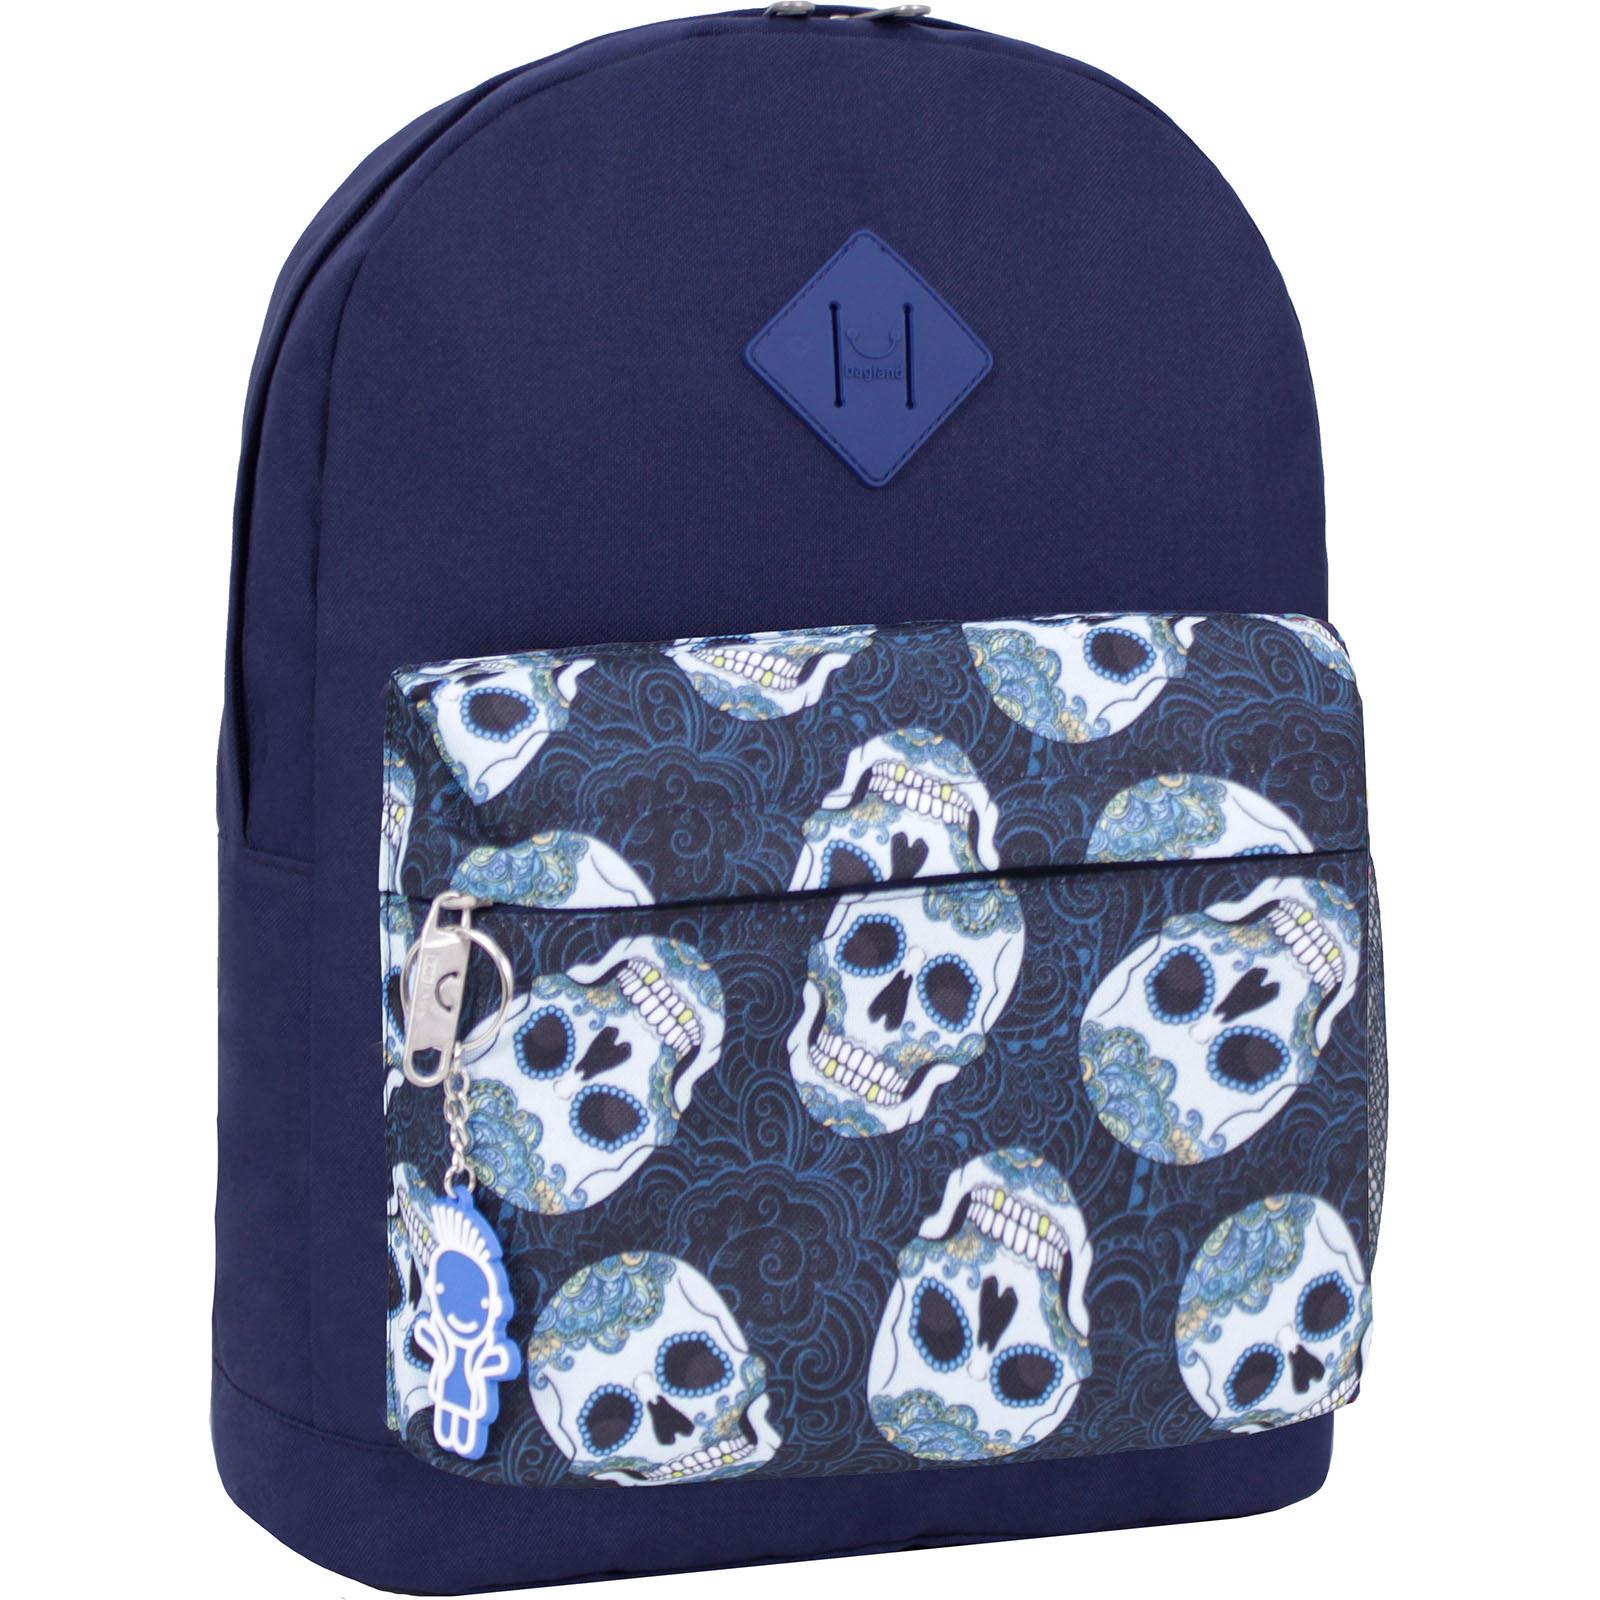 Городские рюкзаки Рюкзак Bagland Молодежный W/R 17 л. 330 чорнильний 444 (00533662) IMG_2618_444_-1600.jpg